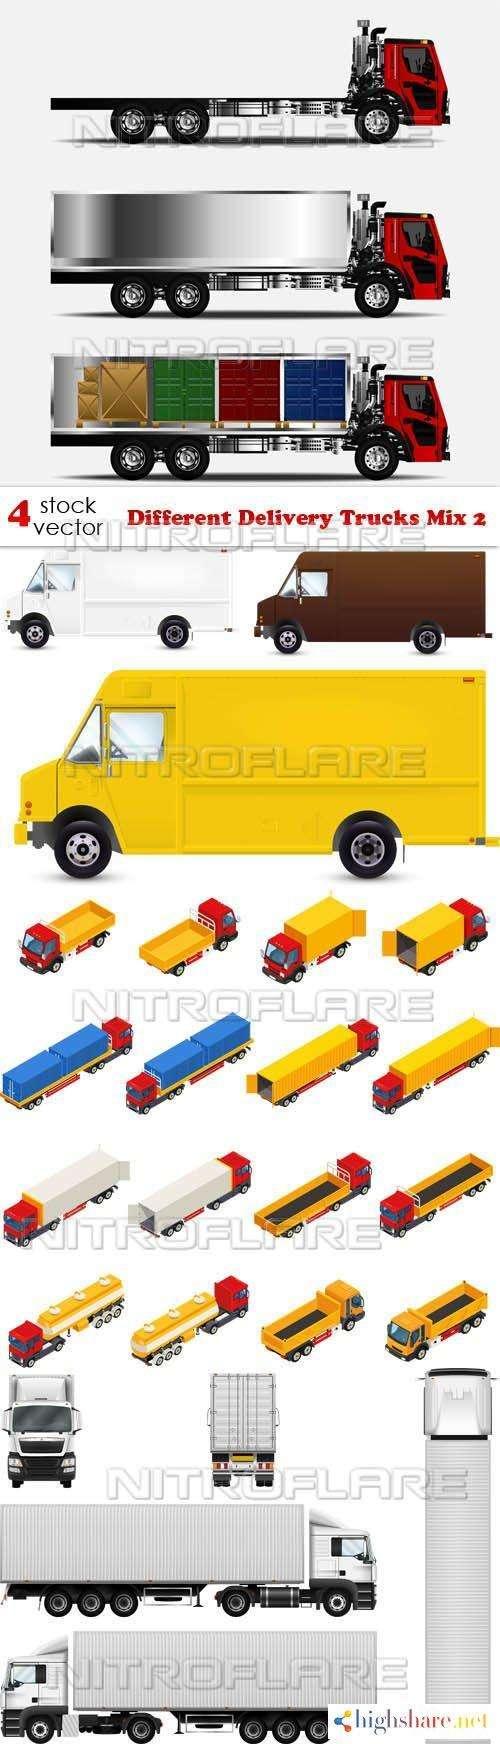 vectors different delivery trucks mix 2 5f4654bb74c5d - Vectors - Different Delivery Trucks Mix 2